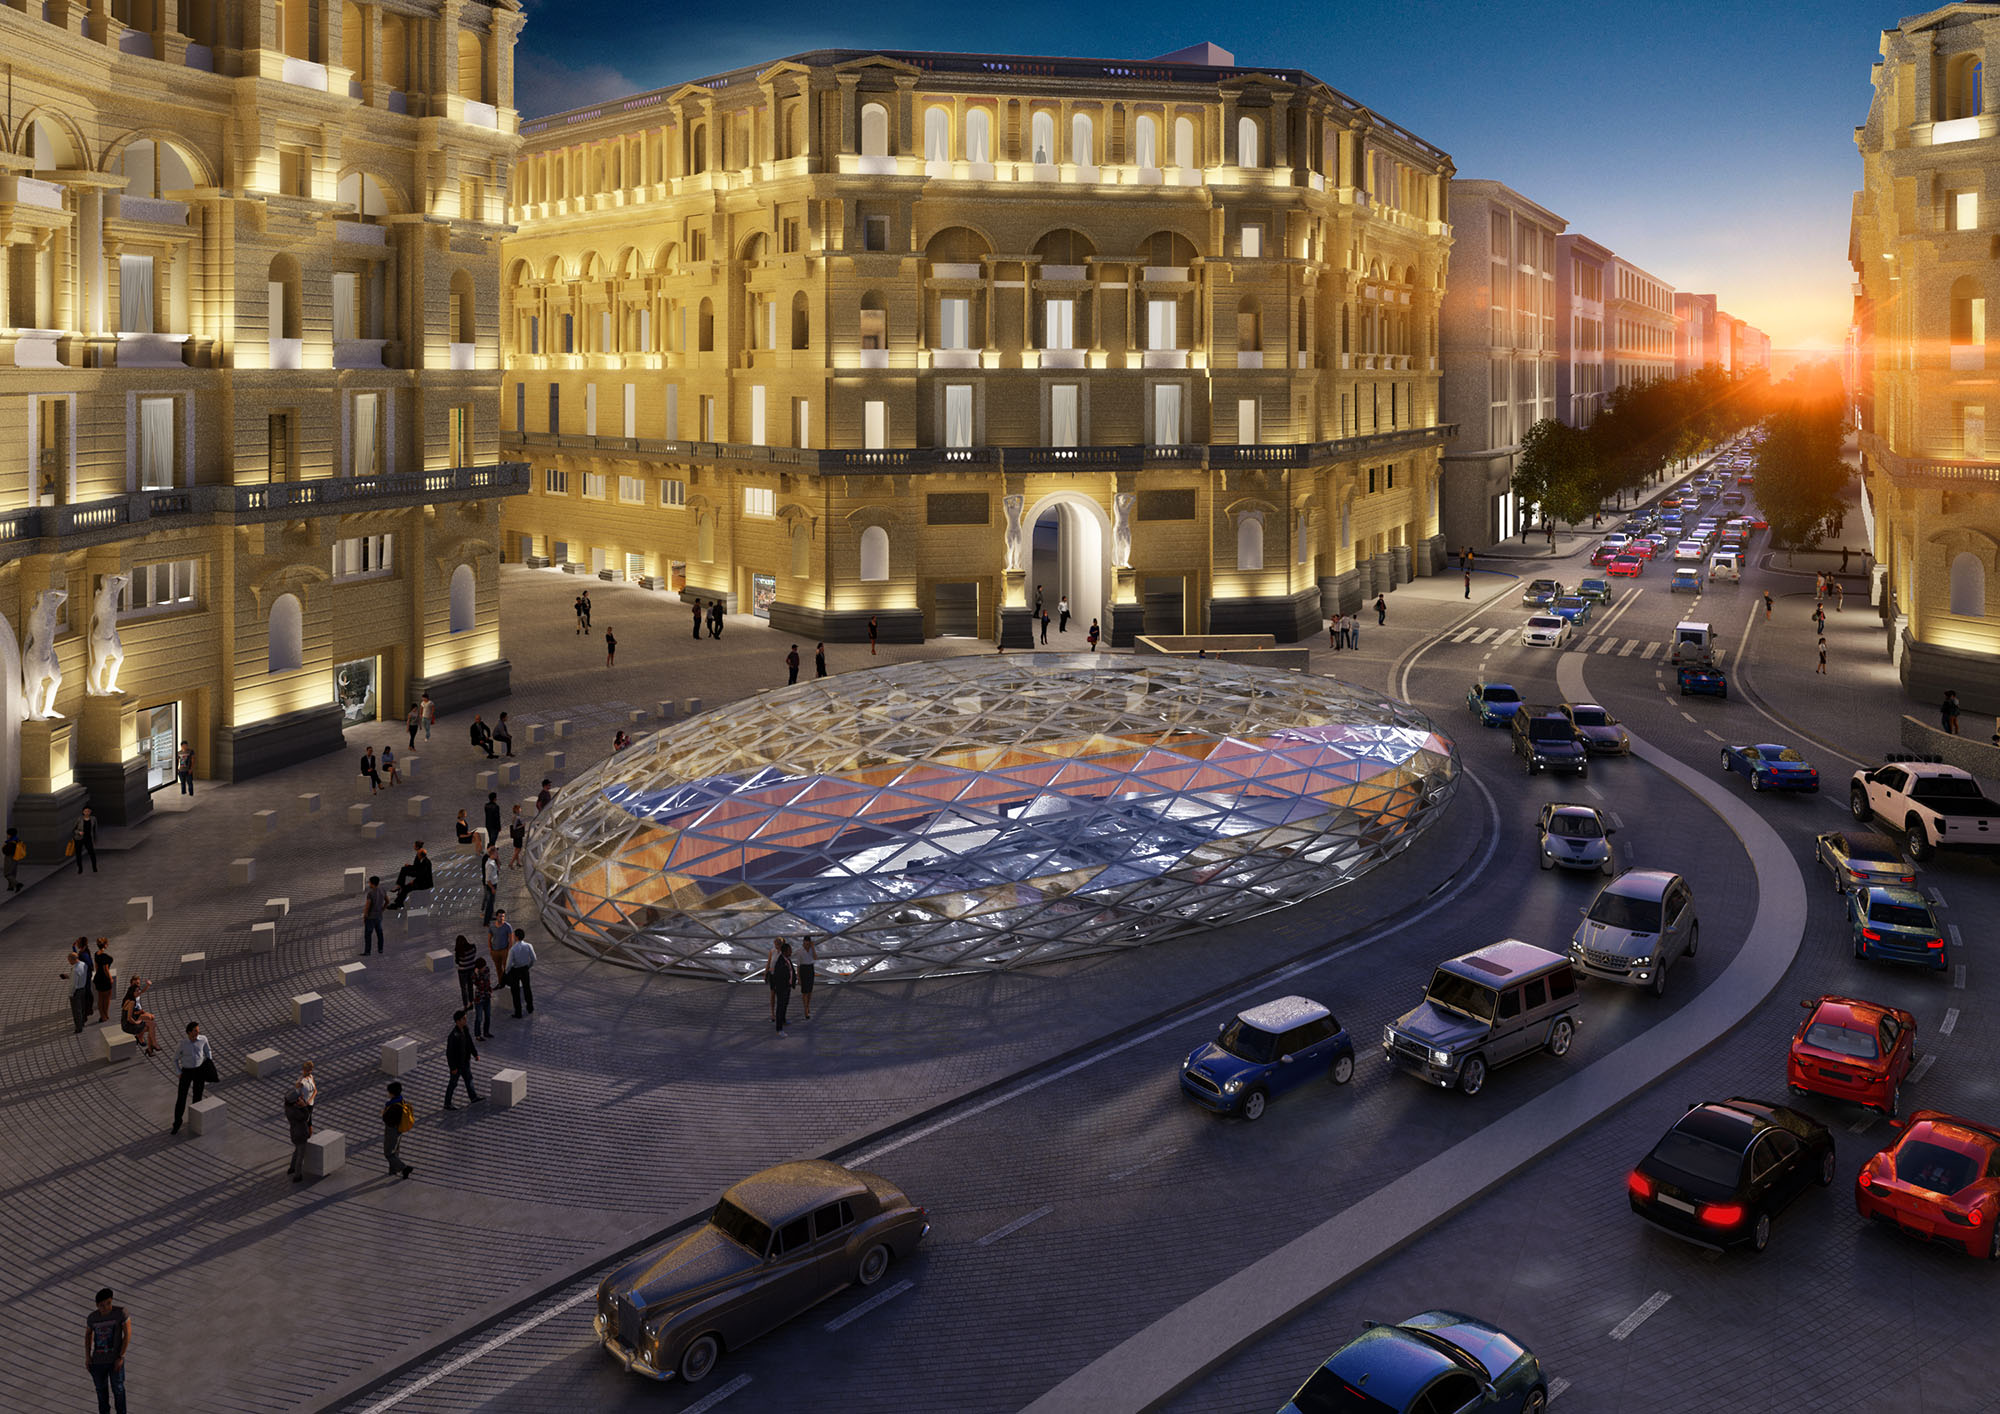 """Napoli, Duomo sarà """"una delle stazioni più belle al mondo"""""""